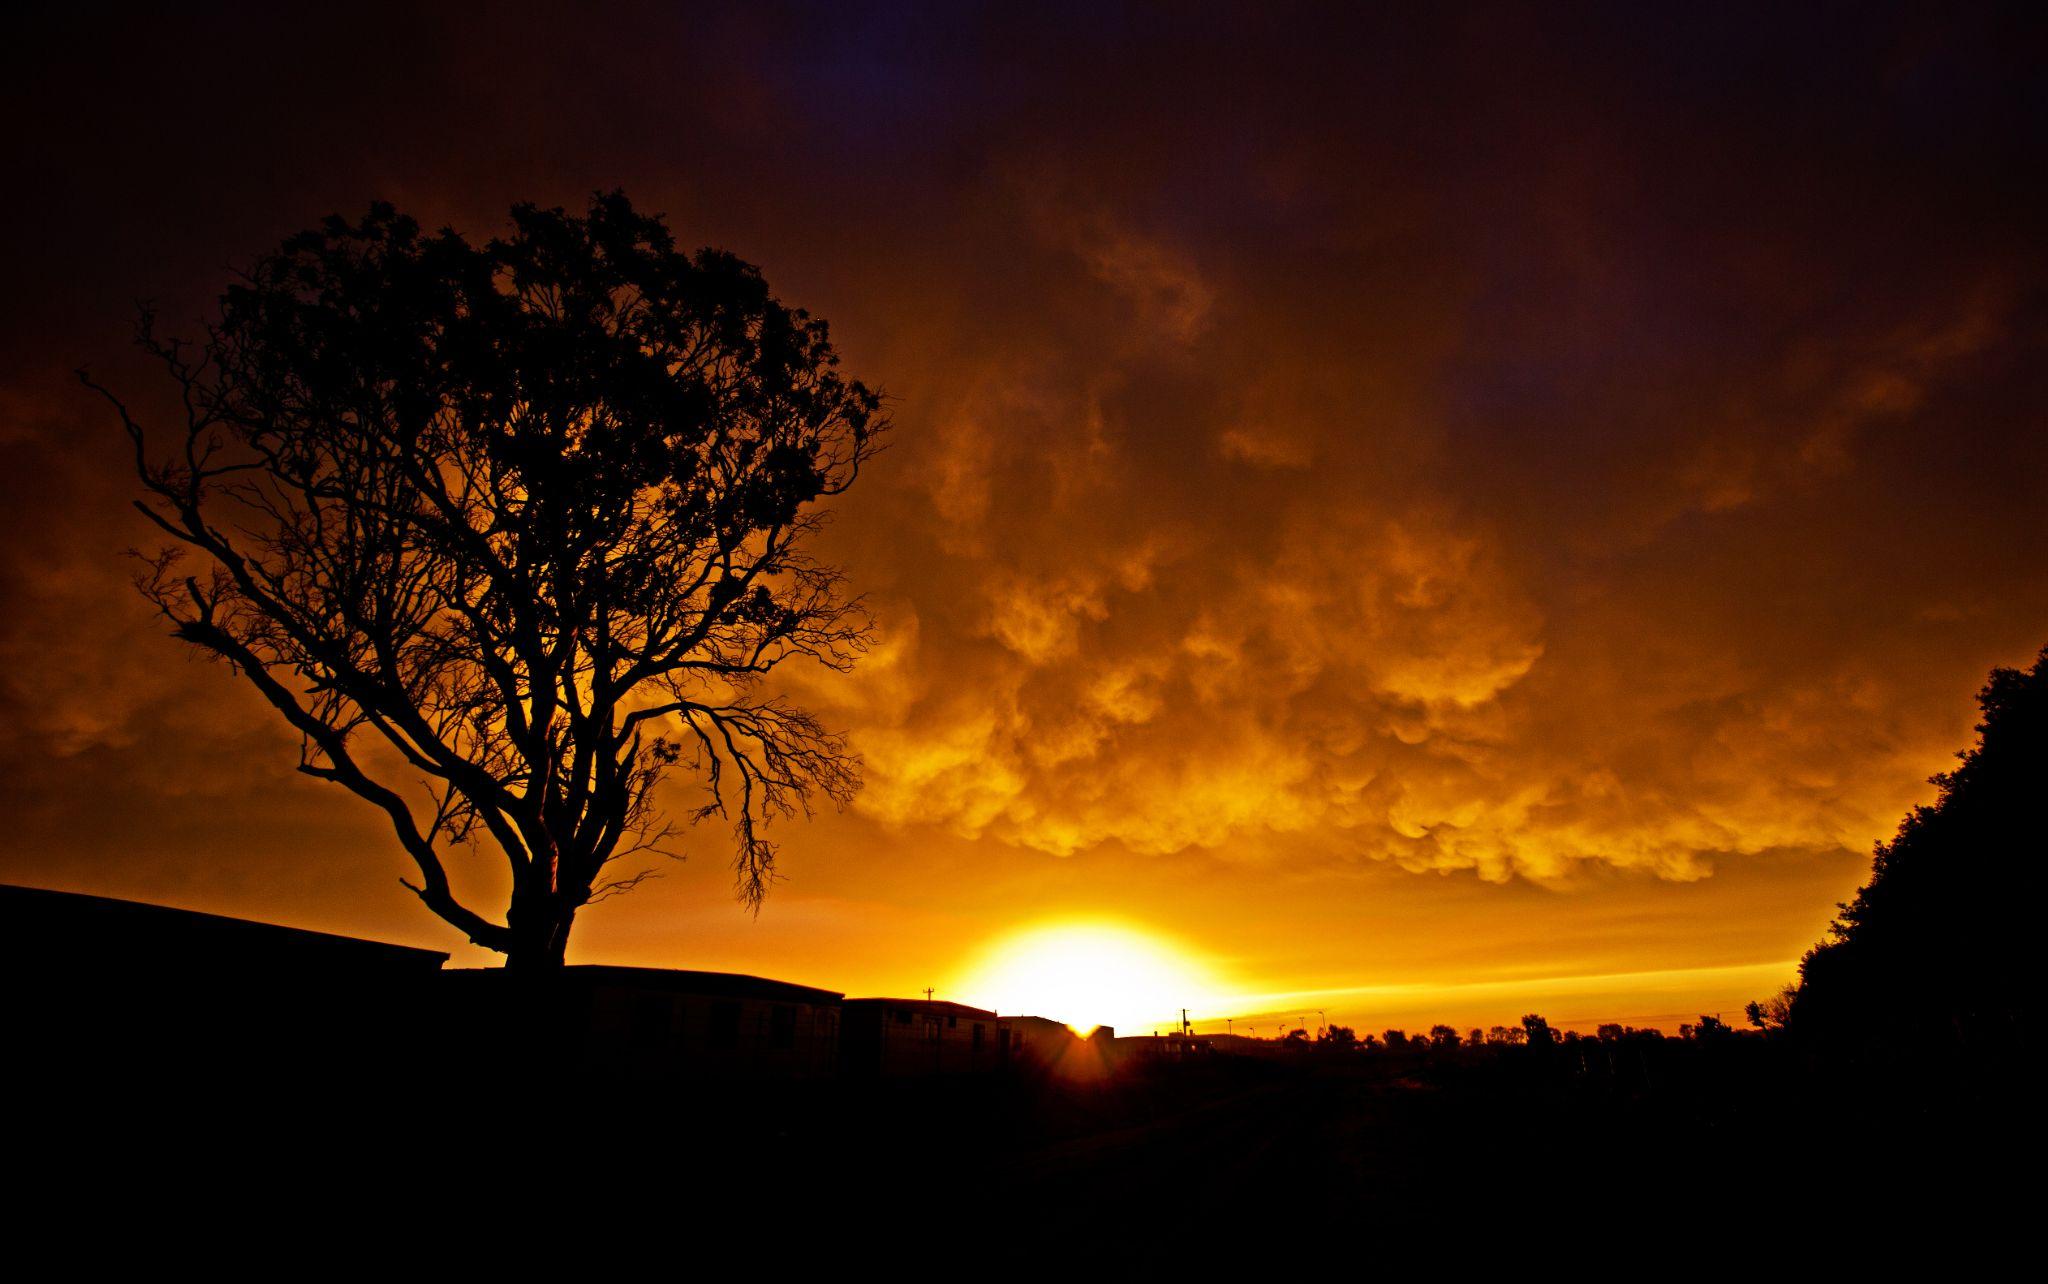 Golden Sunrise by Mark Vivian